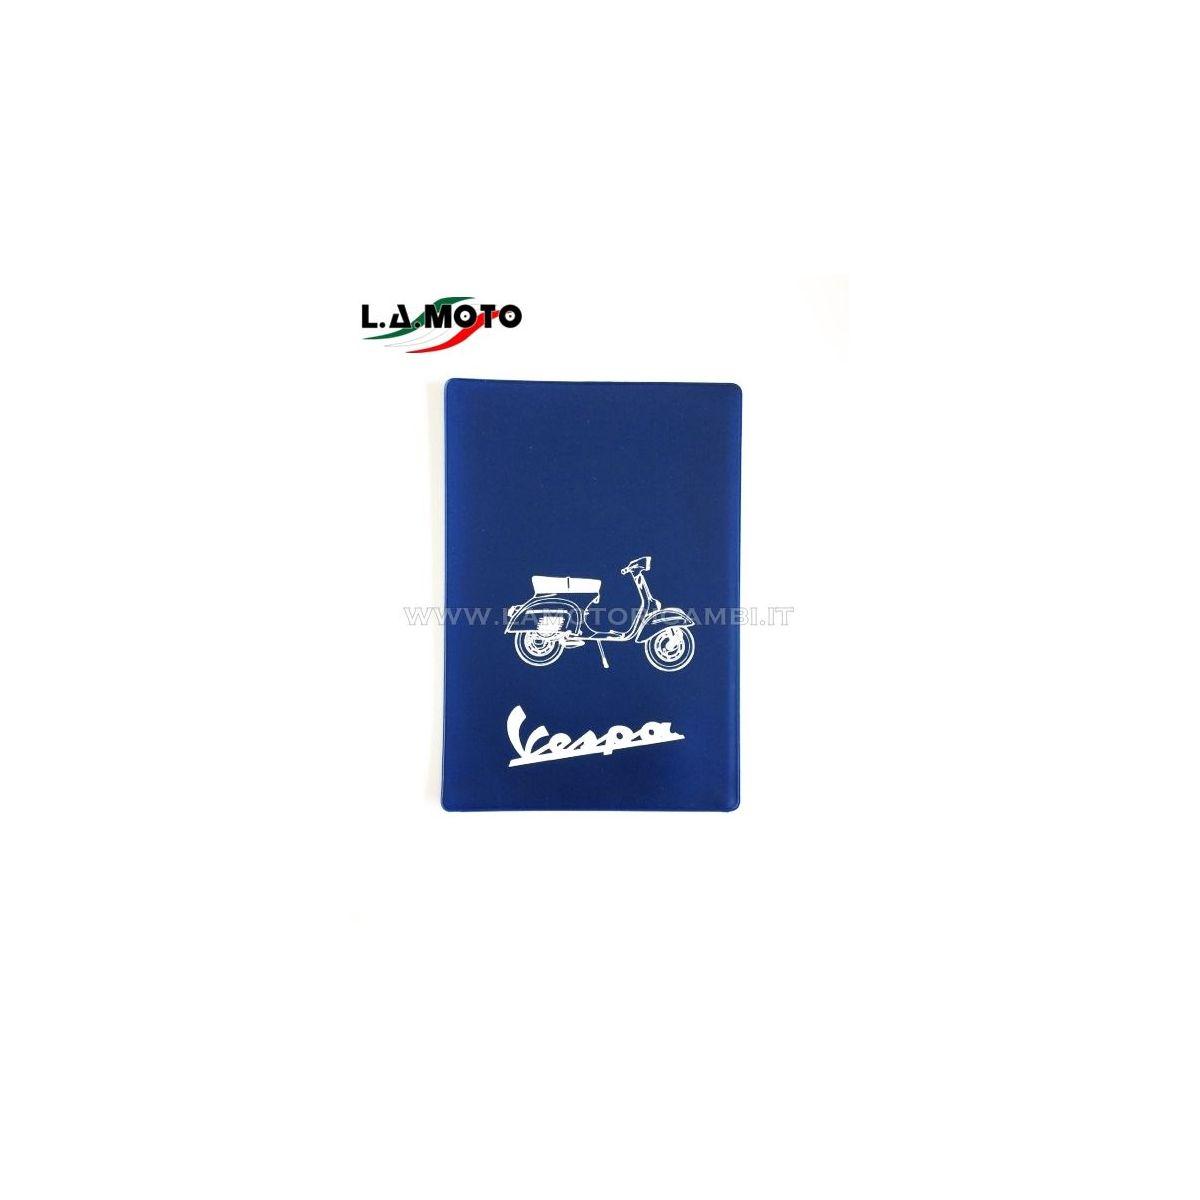 Tasca Porta documenti vintage per VESPA 125 150 160 180 200 GT GTR SPRINT VELOCE TS RALLY GS SS GL portadocumenti